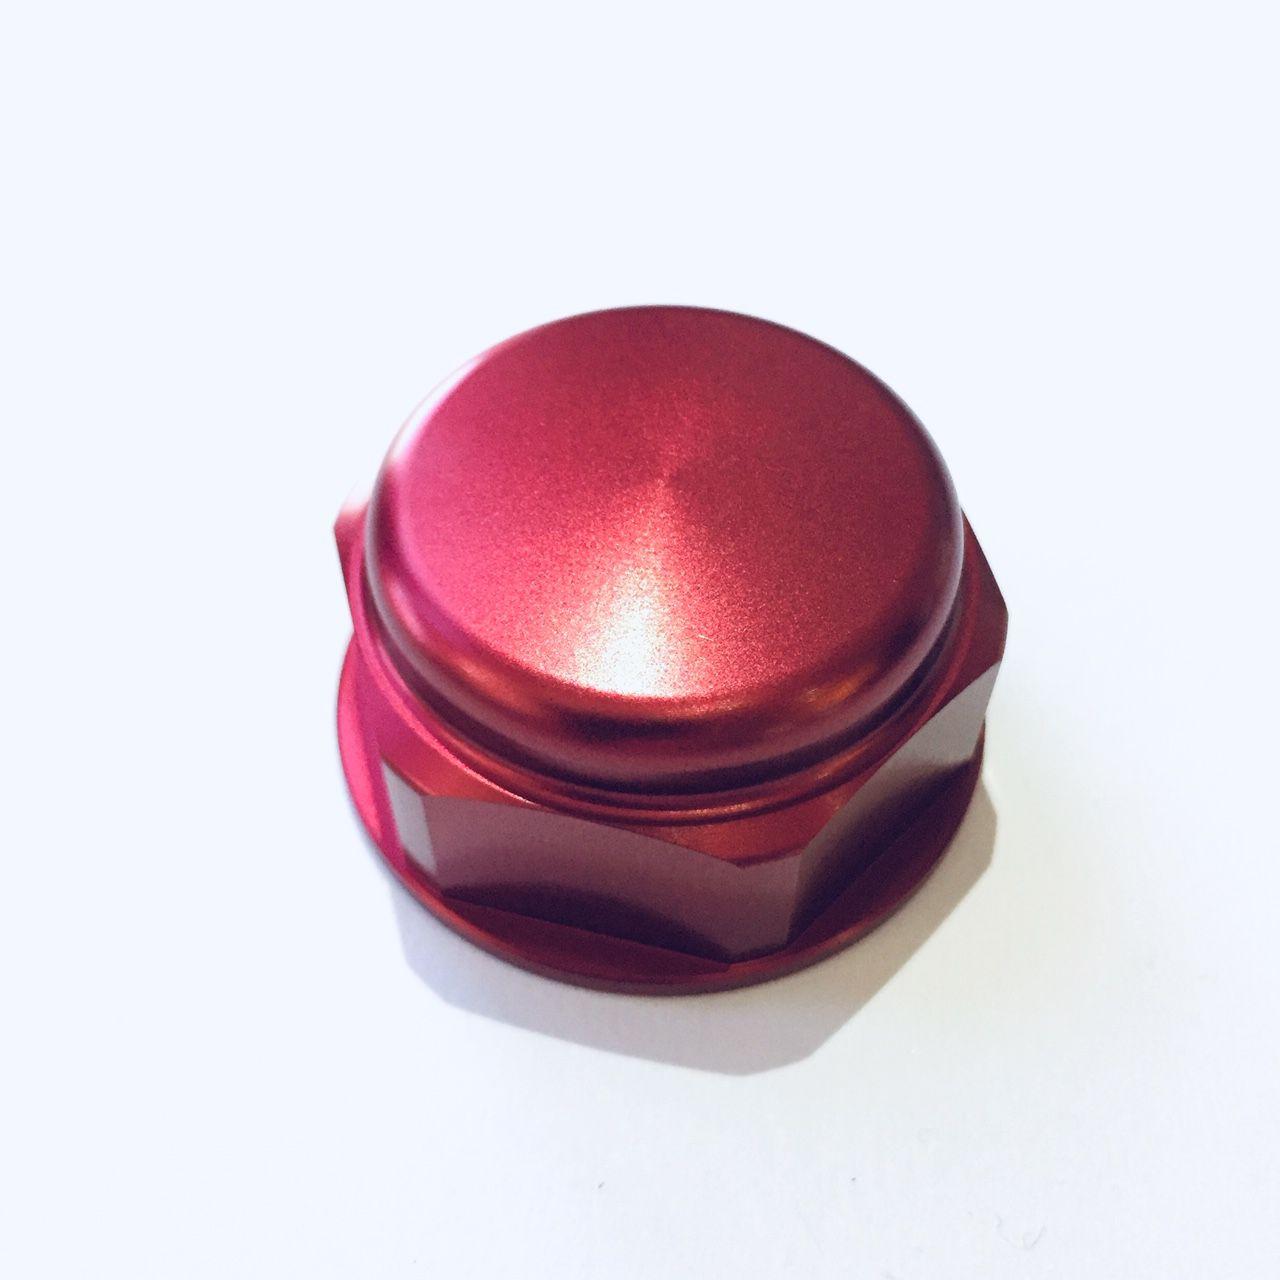 Porca central da mesa 22mm x 1.00mm Fechada Vermelho